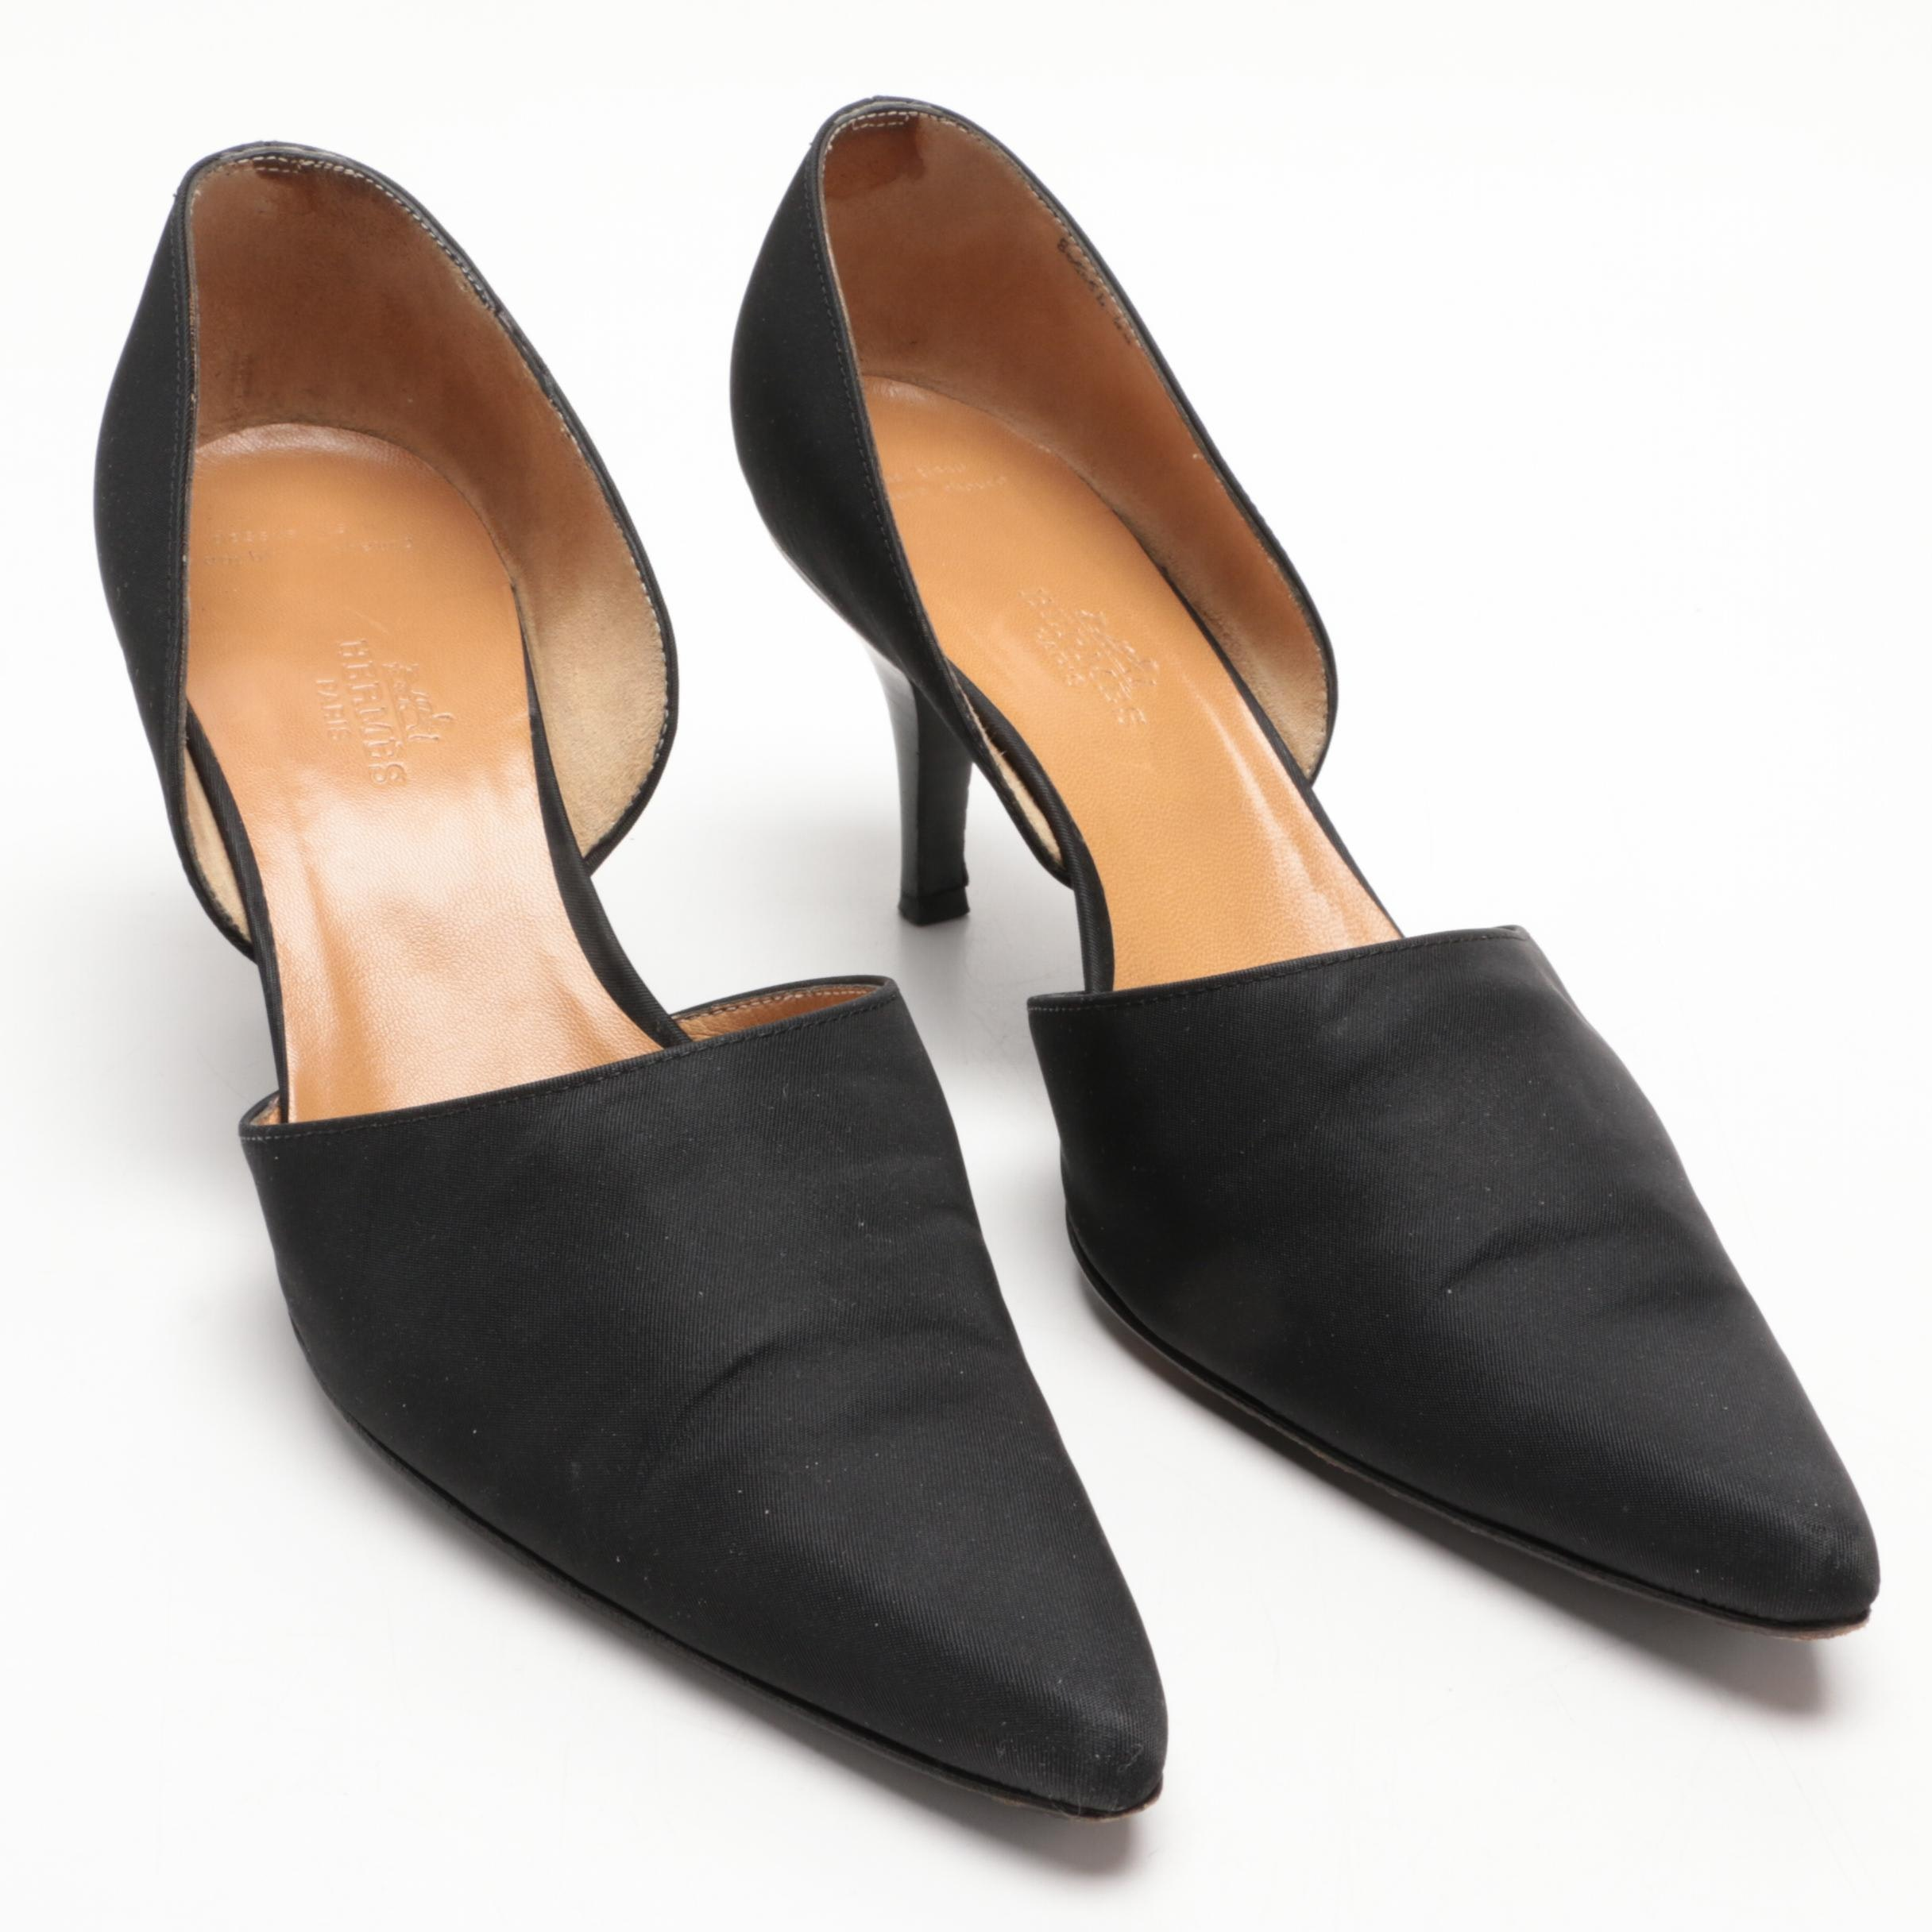 Hermès of Paris Black D'Orsay High Heels